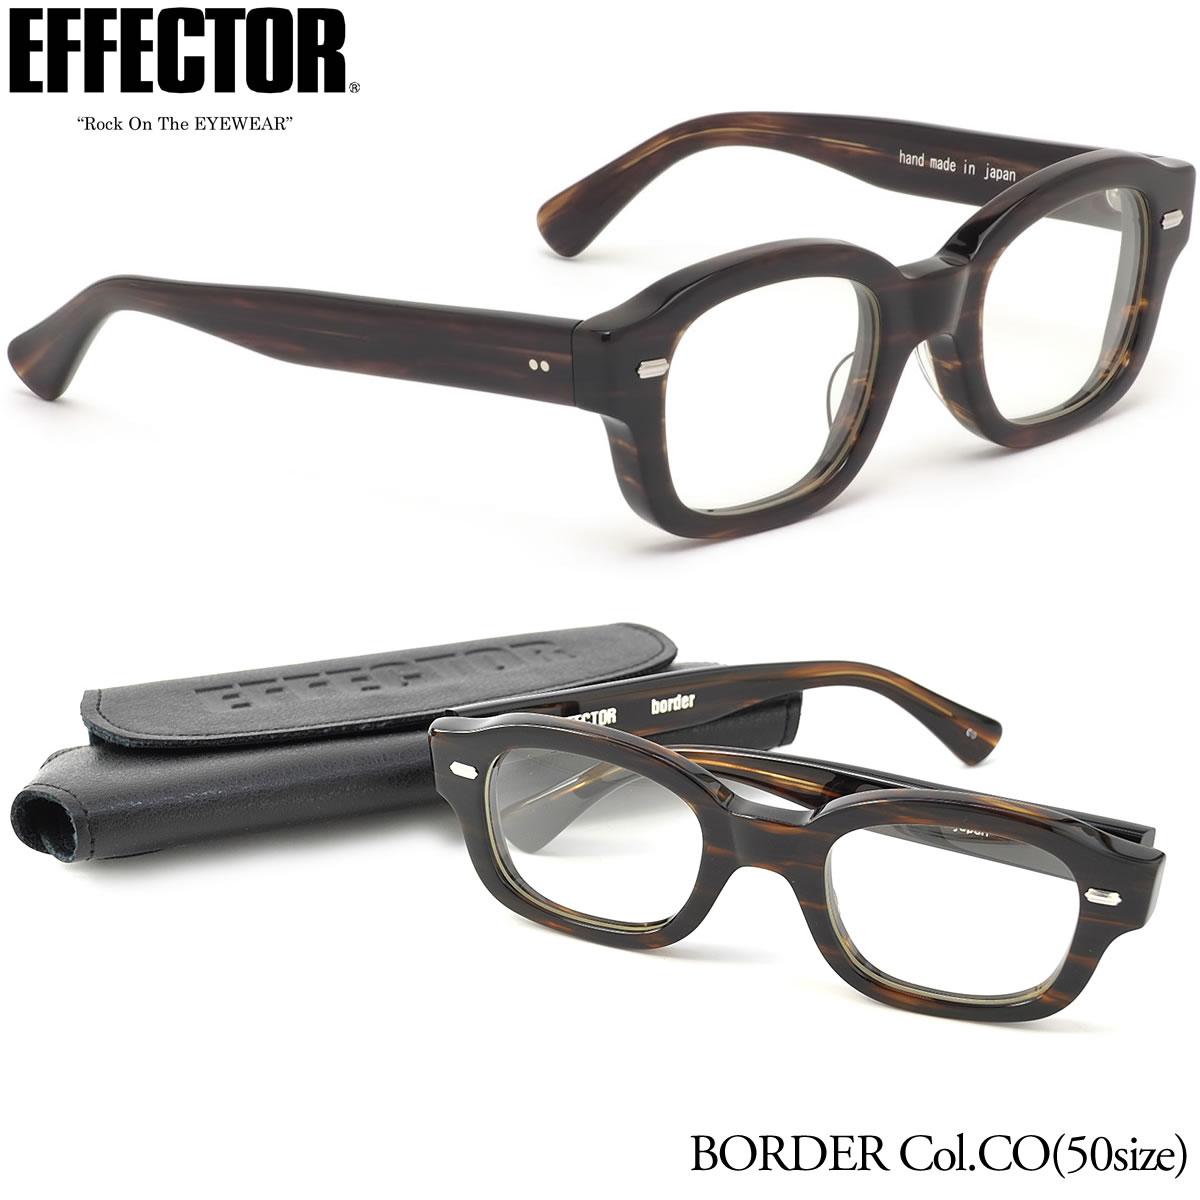 ほぼ全品ポイント15倍~20倍+15倍+2倍 【エフェクター】 (EFFECTOR) メガネ 伊達メガネセットBORDER CO 50サイズBORDER ボーダー 日本製 UVカット仕様伊達メガネレンズ付EFFECTOR メンズ レディース